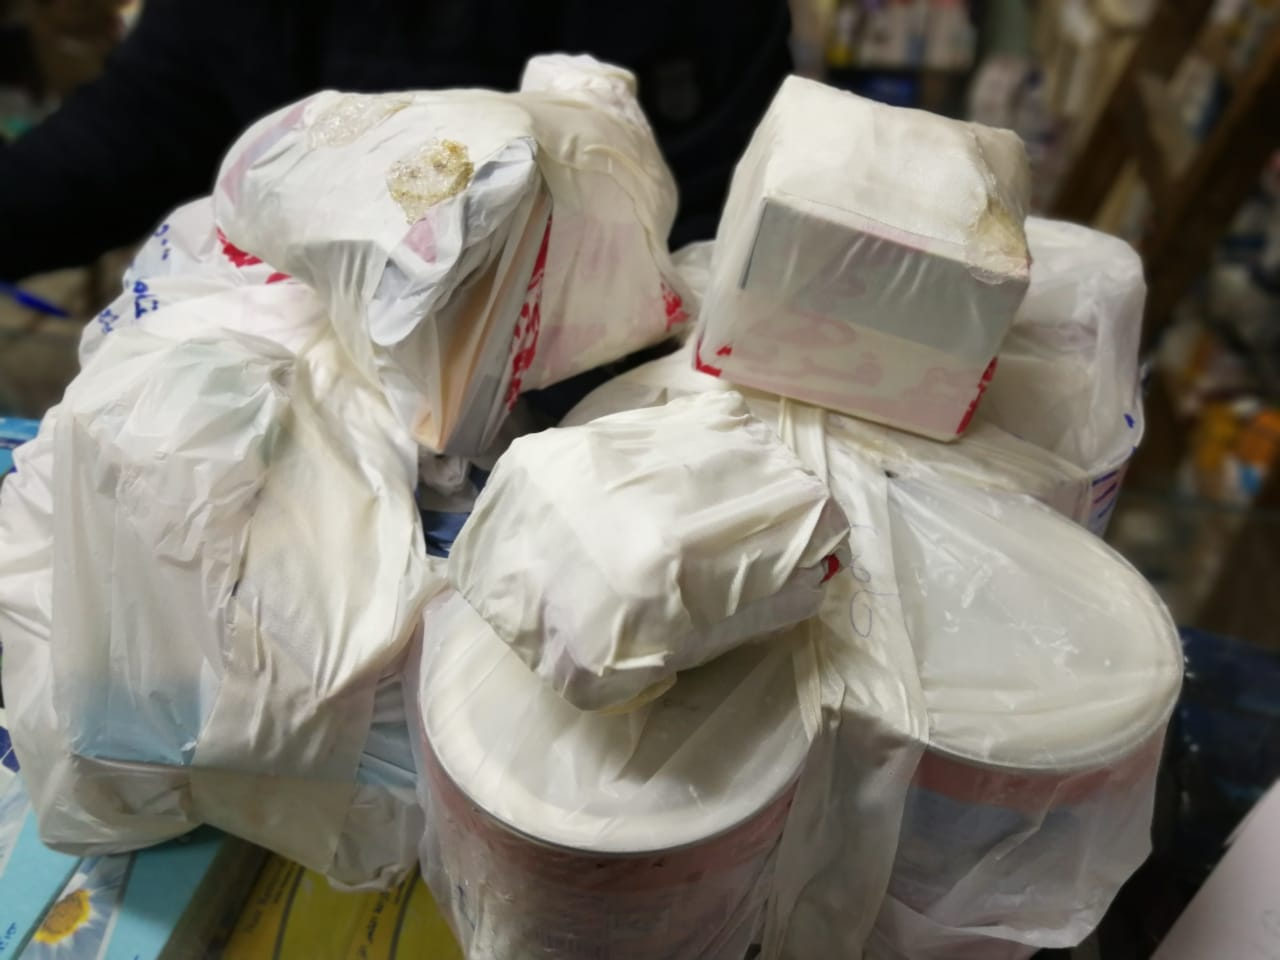 مباحث المخدرات وصحة الشرقية تشن حملة على الصيدليات